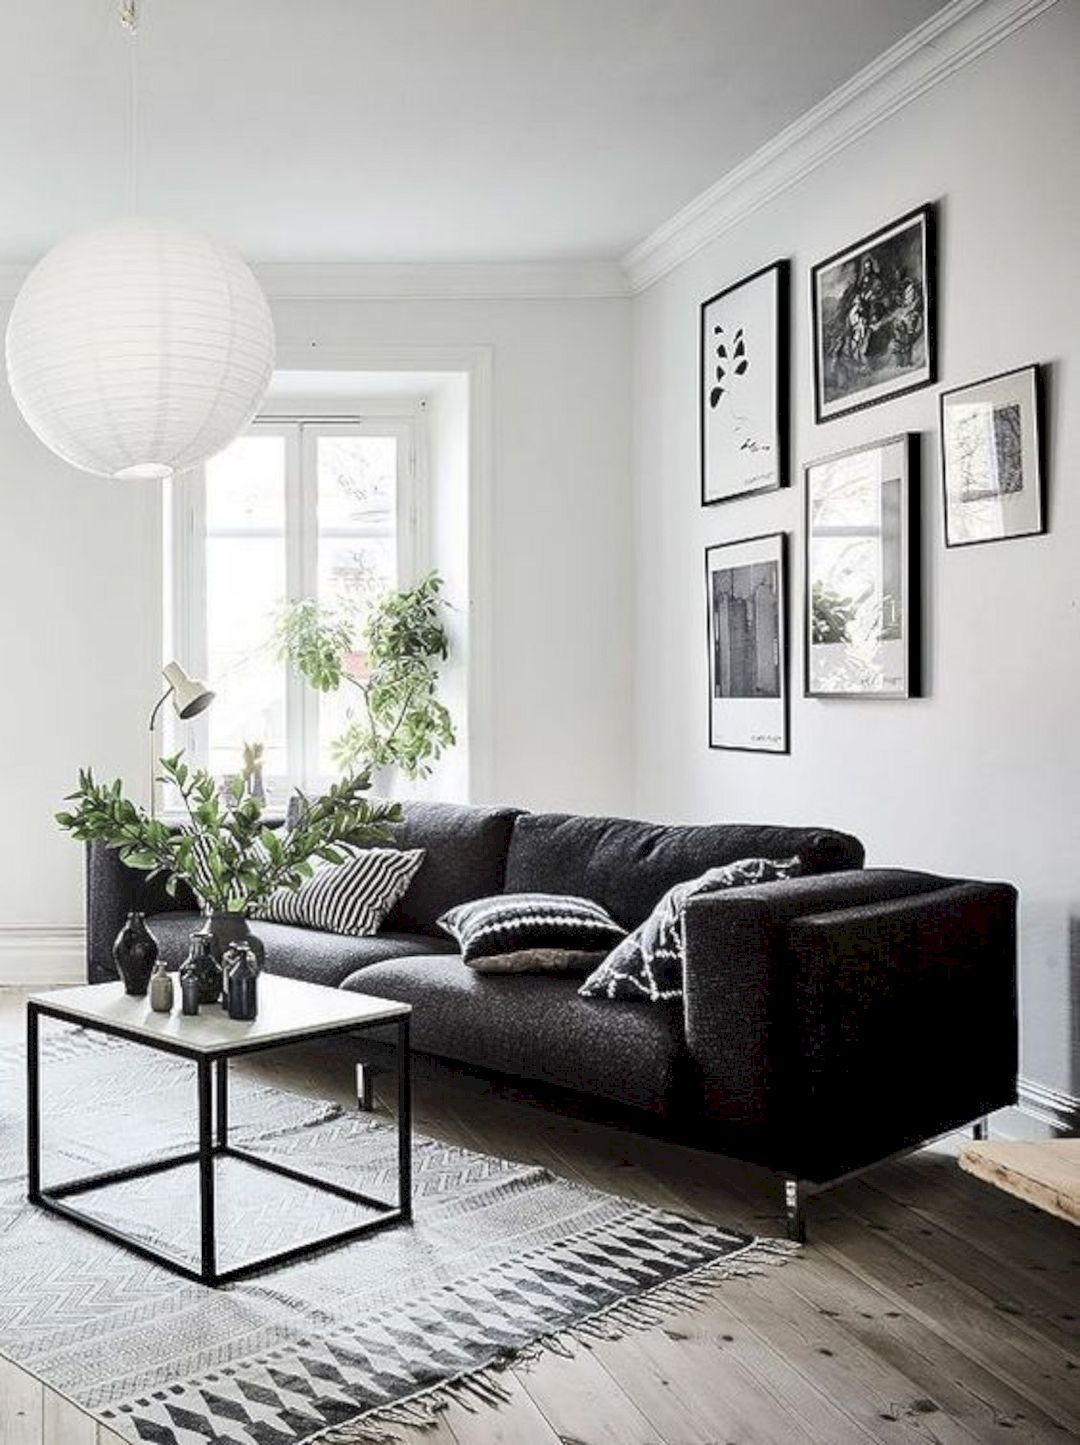 3 Contemporary Room Decoration Ideas White Living Decor Gray Design Elegant